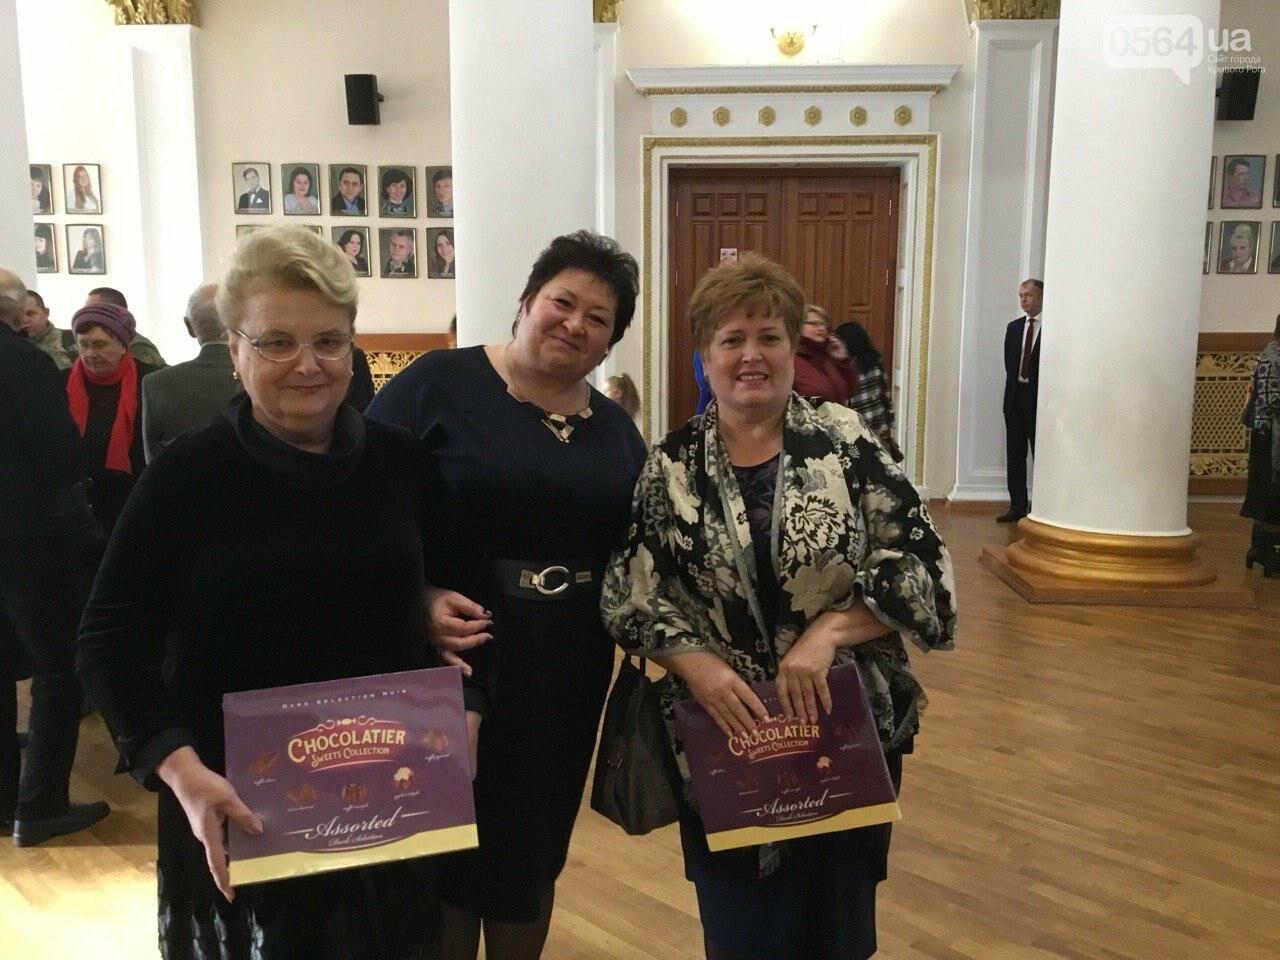 Аграрии Криворожья отметили свой профессиональный праздник, - ФОТО, ВИДЕО, фото-6